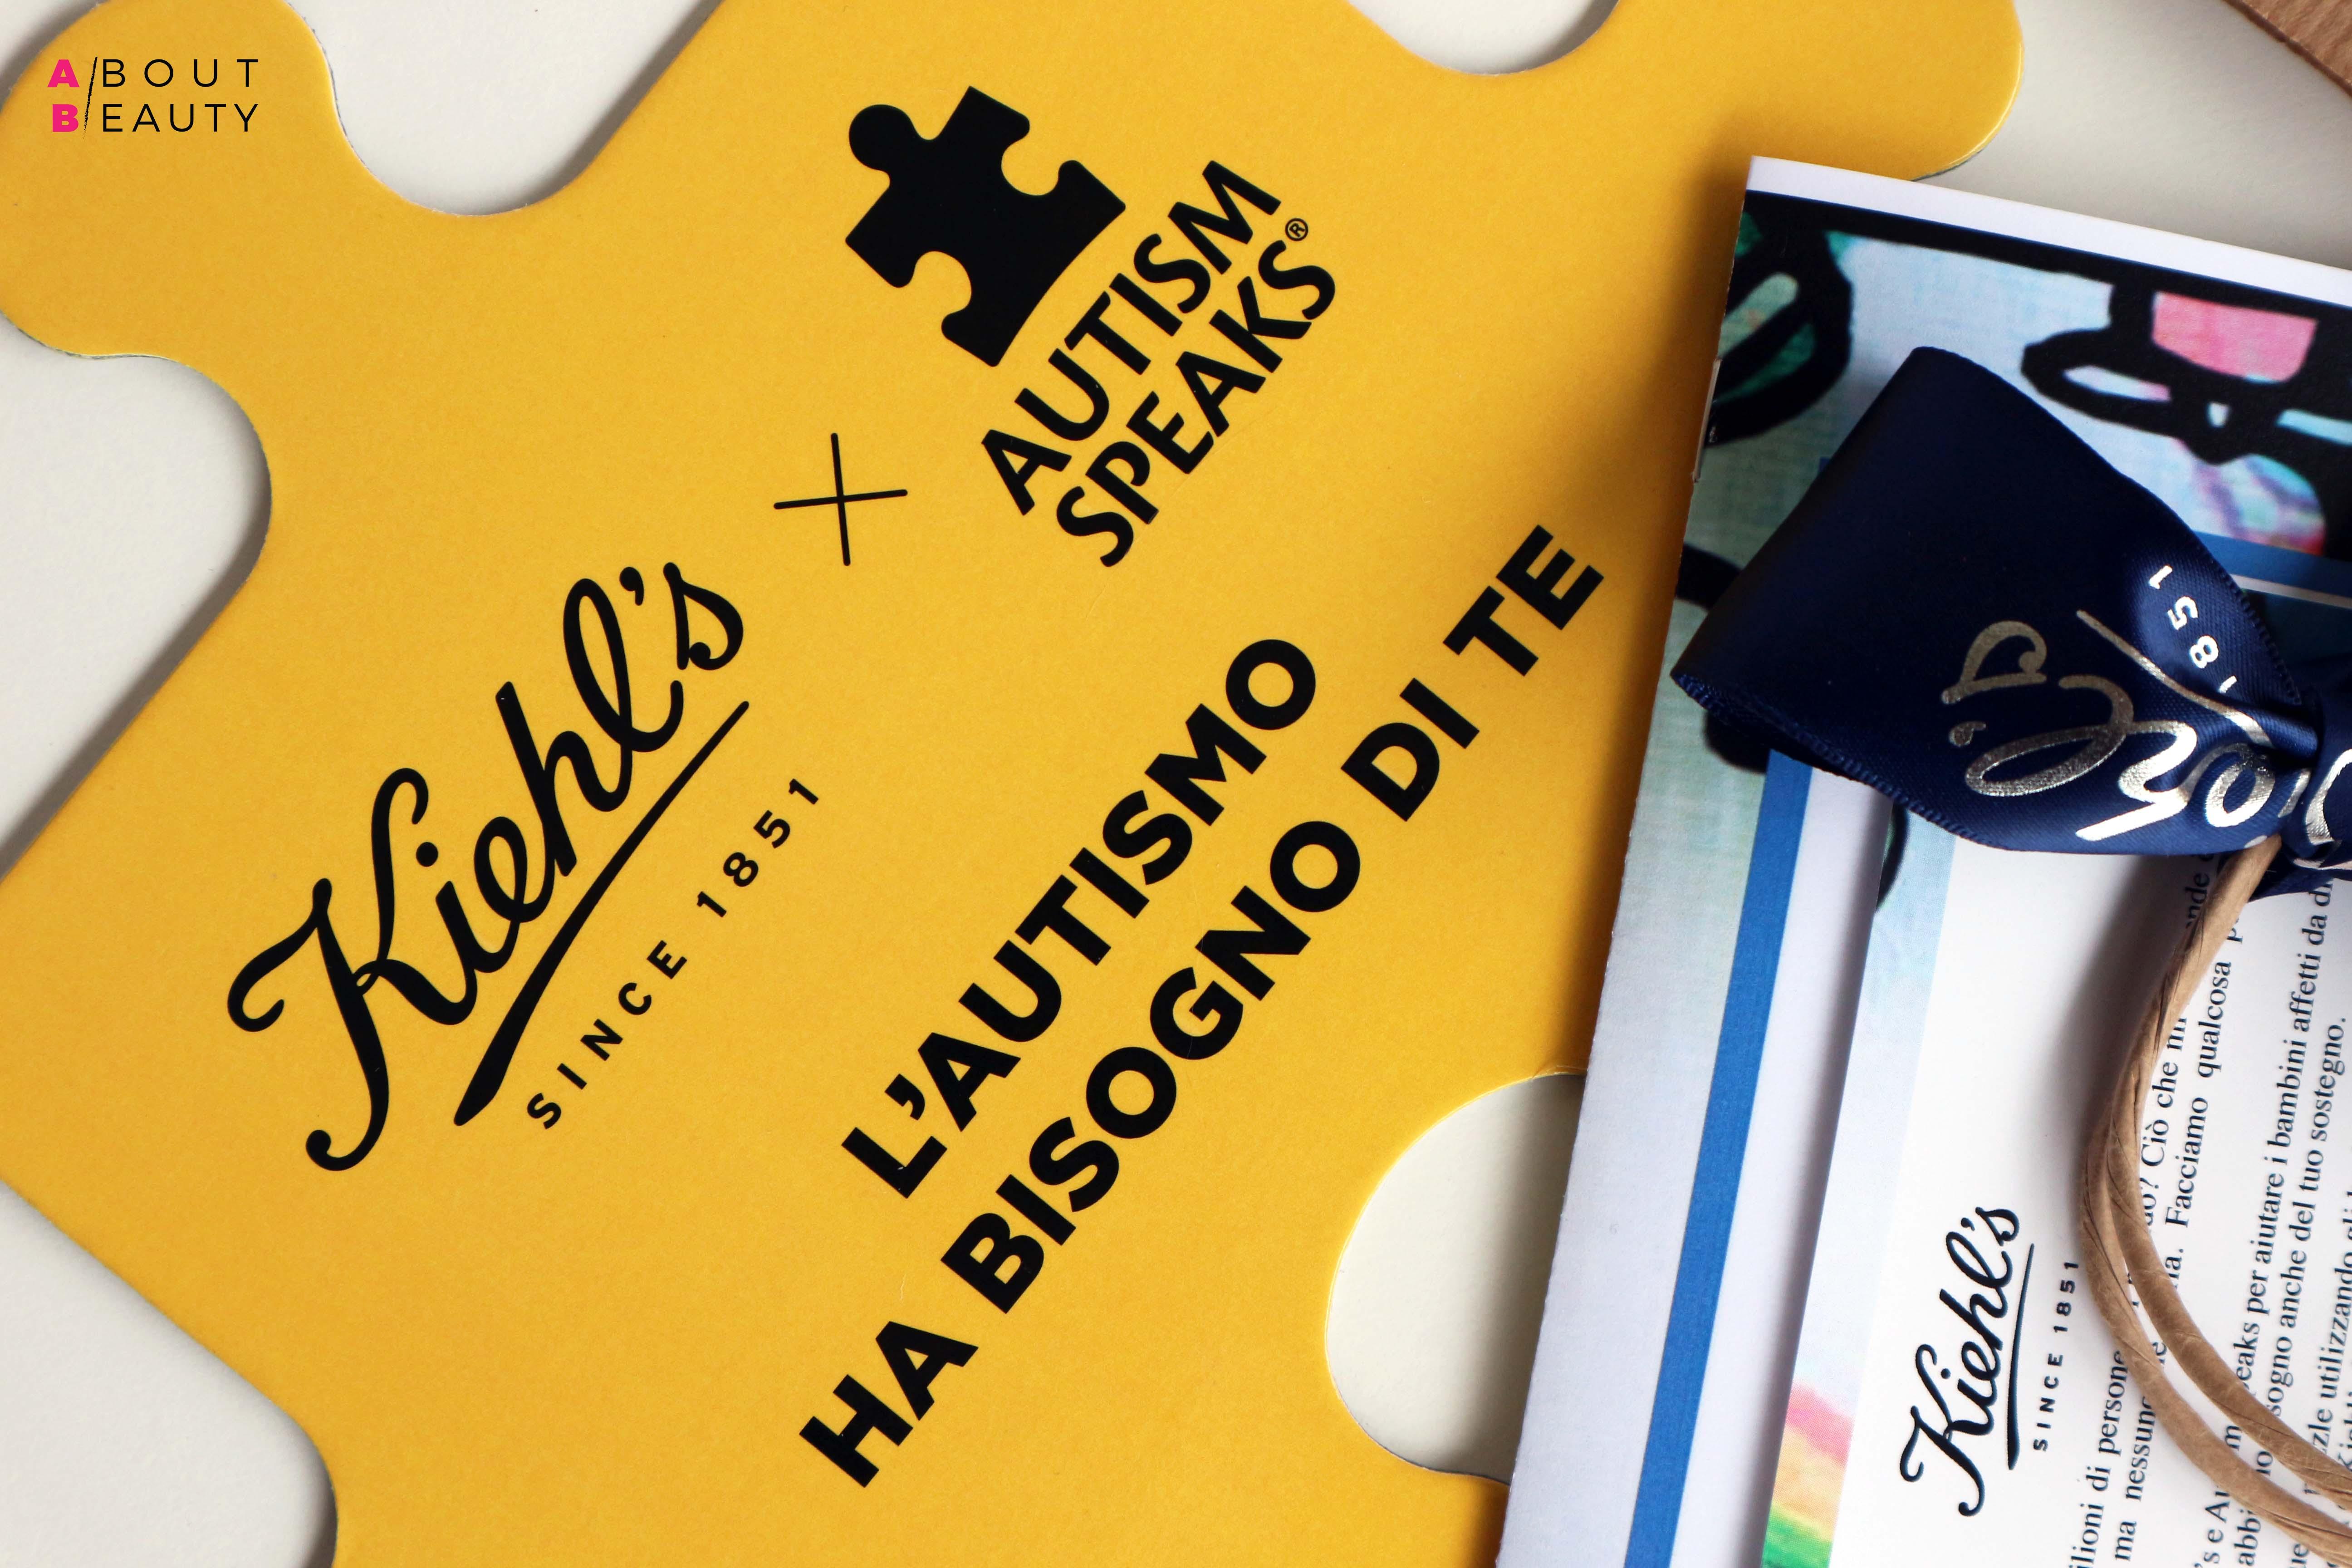 Matthew McConaughey firma la nuova edizione limitata Kiehl's a favore dell'organizzazione mondiale Autism Speaks